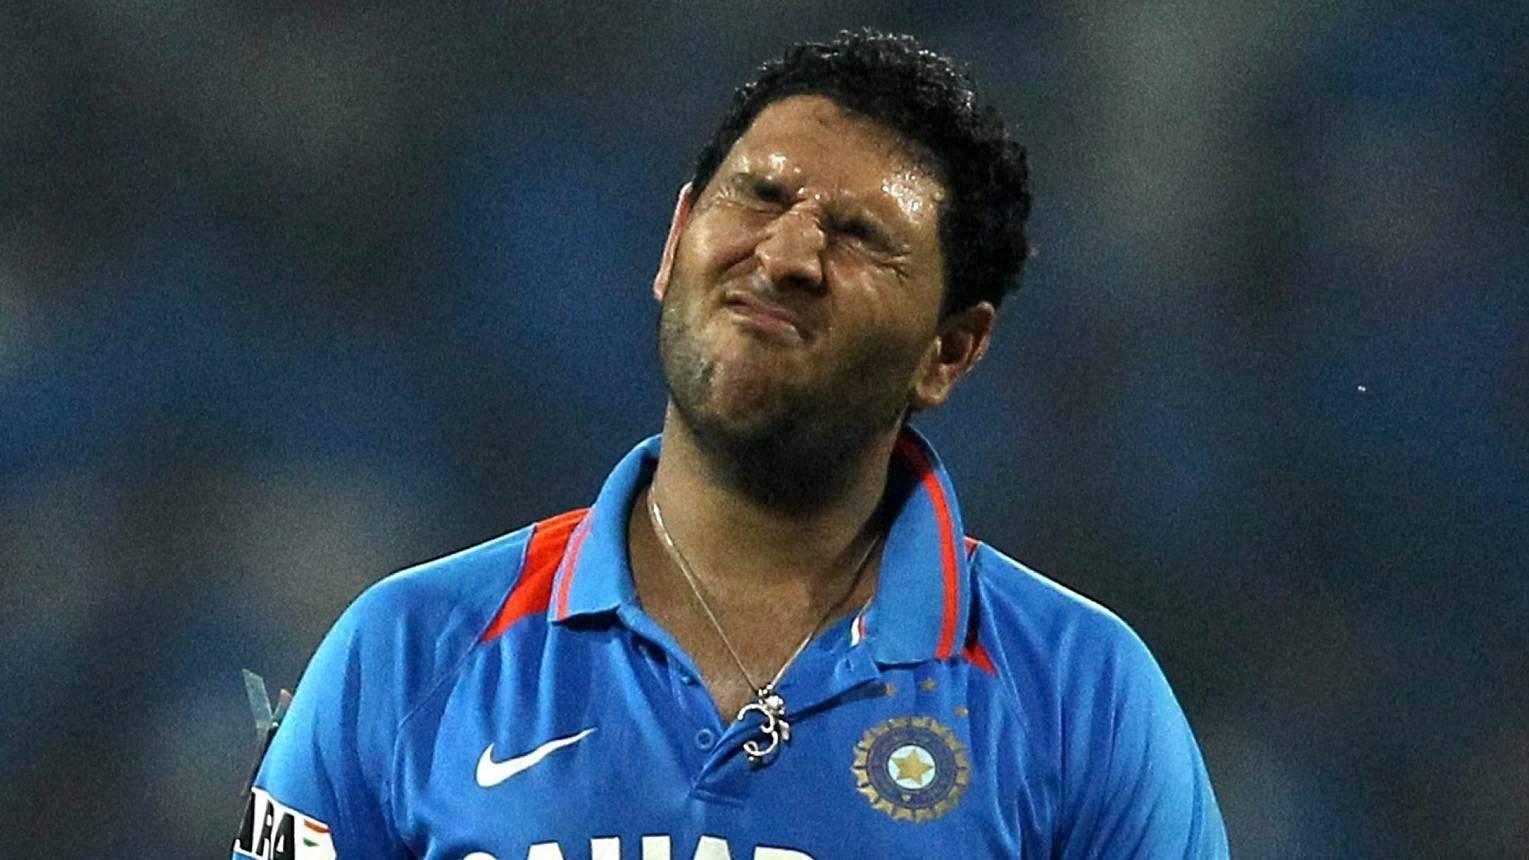 सेलेक्टर्स ने किया बड़ा खुलासा इन दो बड़े कारणों की वजह से युवराज को नहीं मिल पा रहा है टीम इंडिया में मौका 37